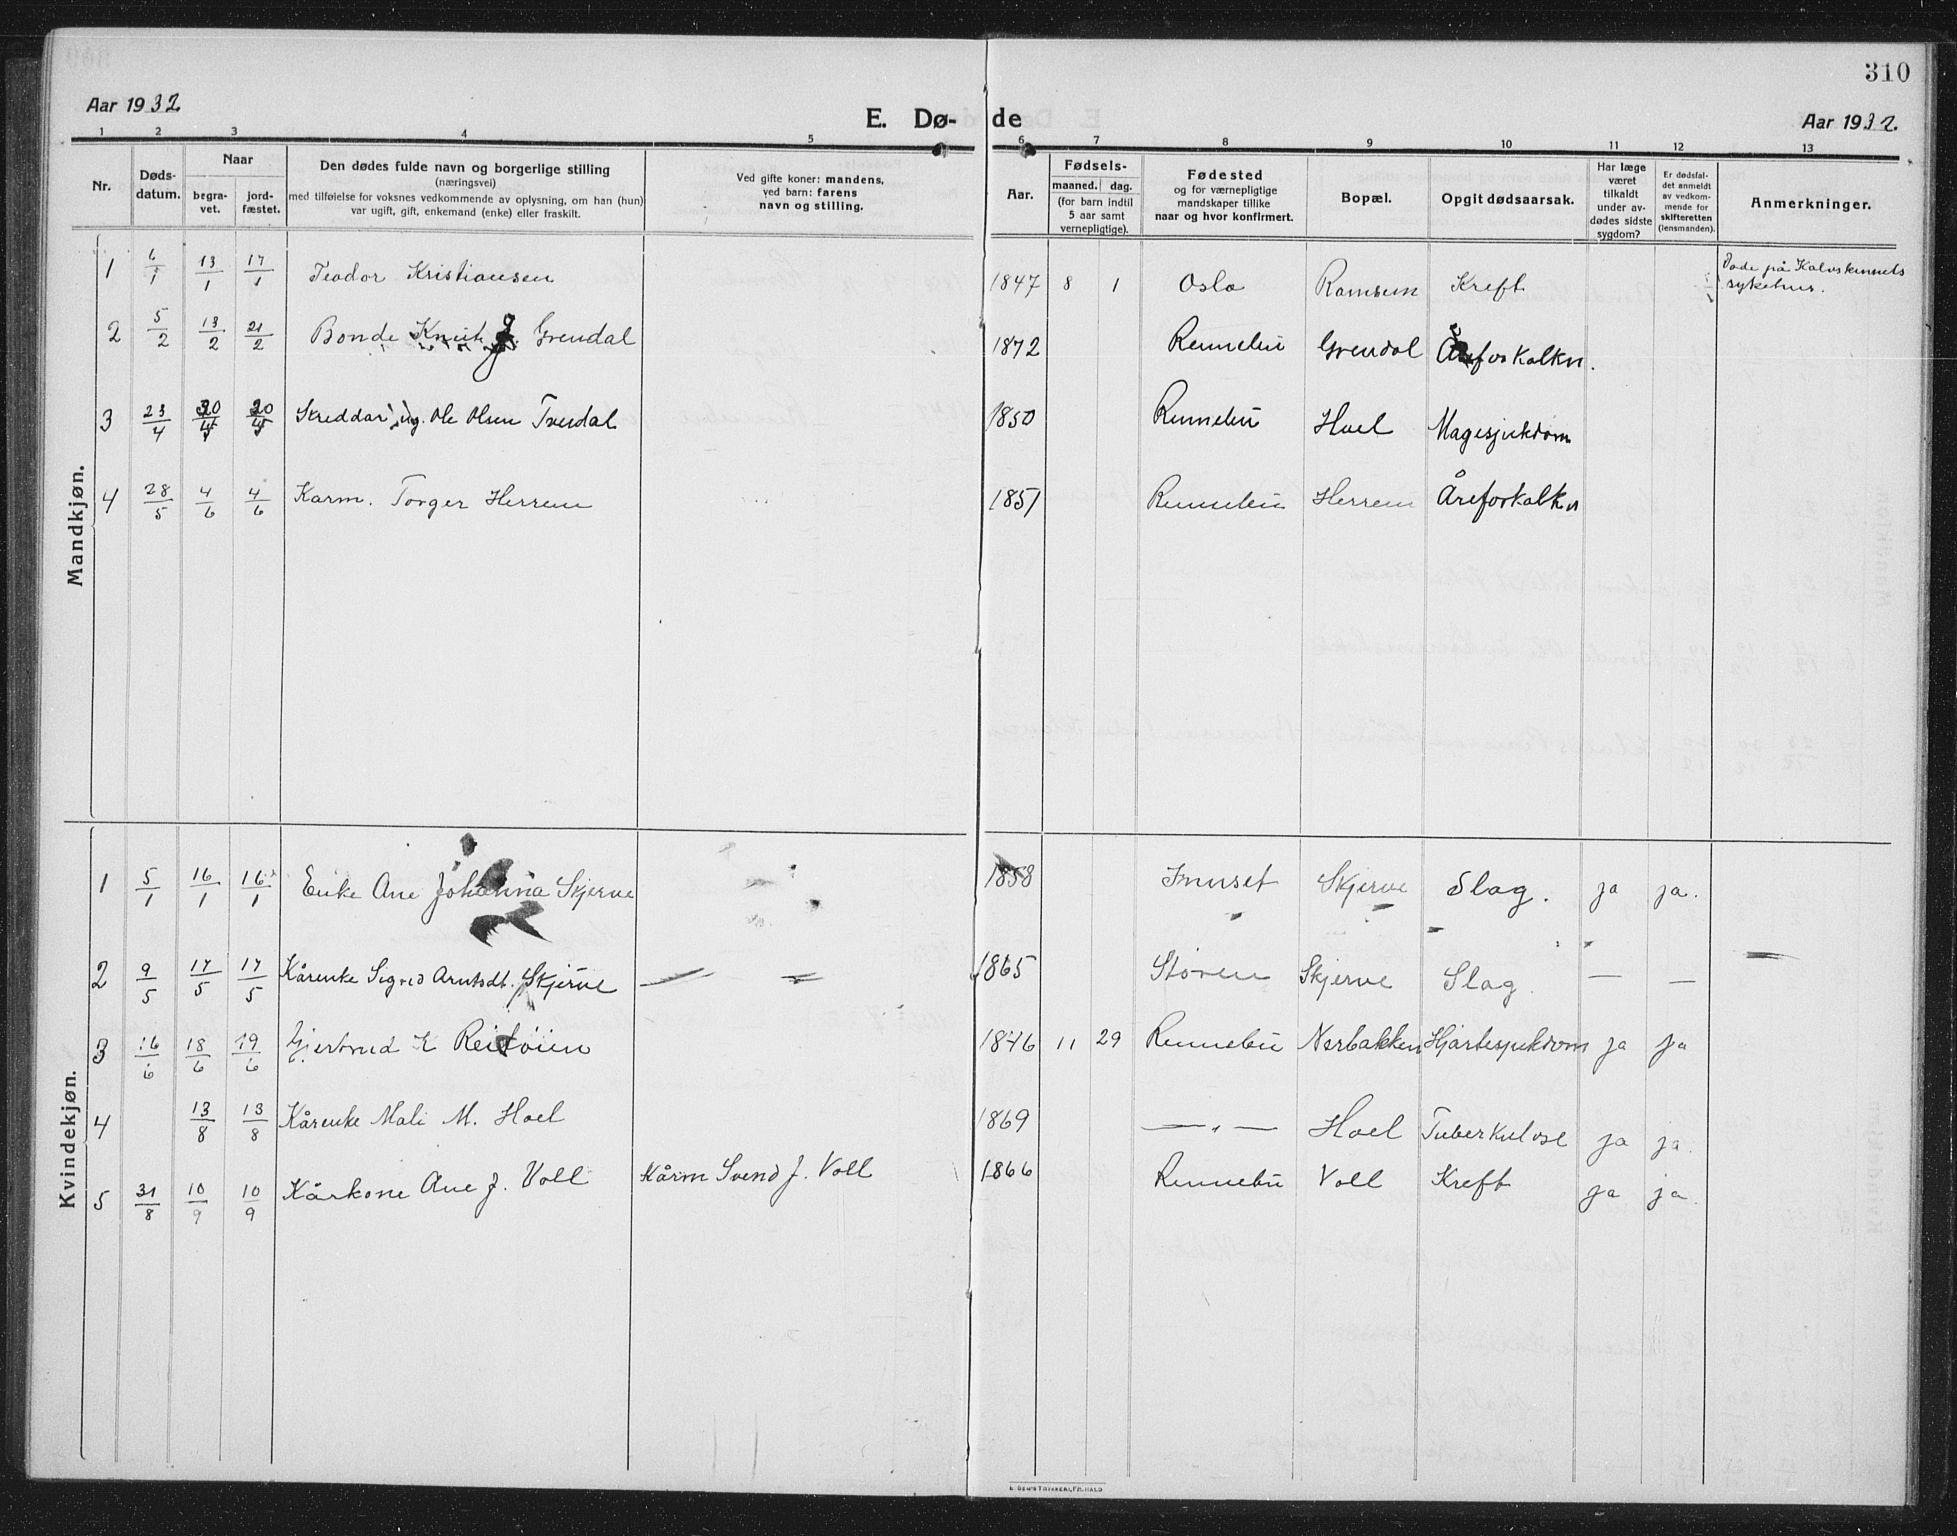 SAT, Ministerialprotokoller, klokkerbøker og fødselsregistre - Sør-Trøndelag, 674/L0877: Klokkerbok nr. 674C04, 1913-1940, s. 310